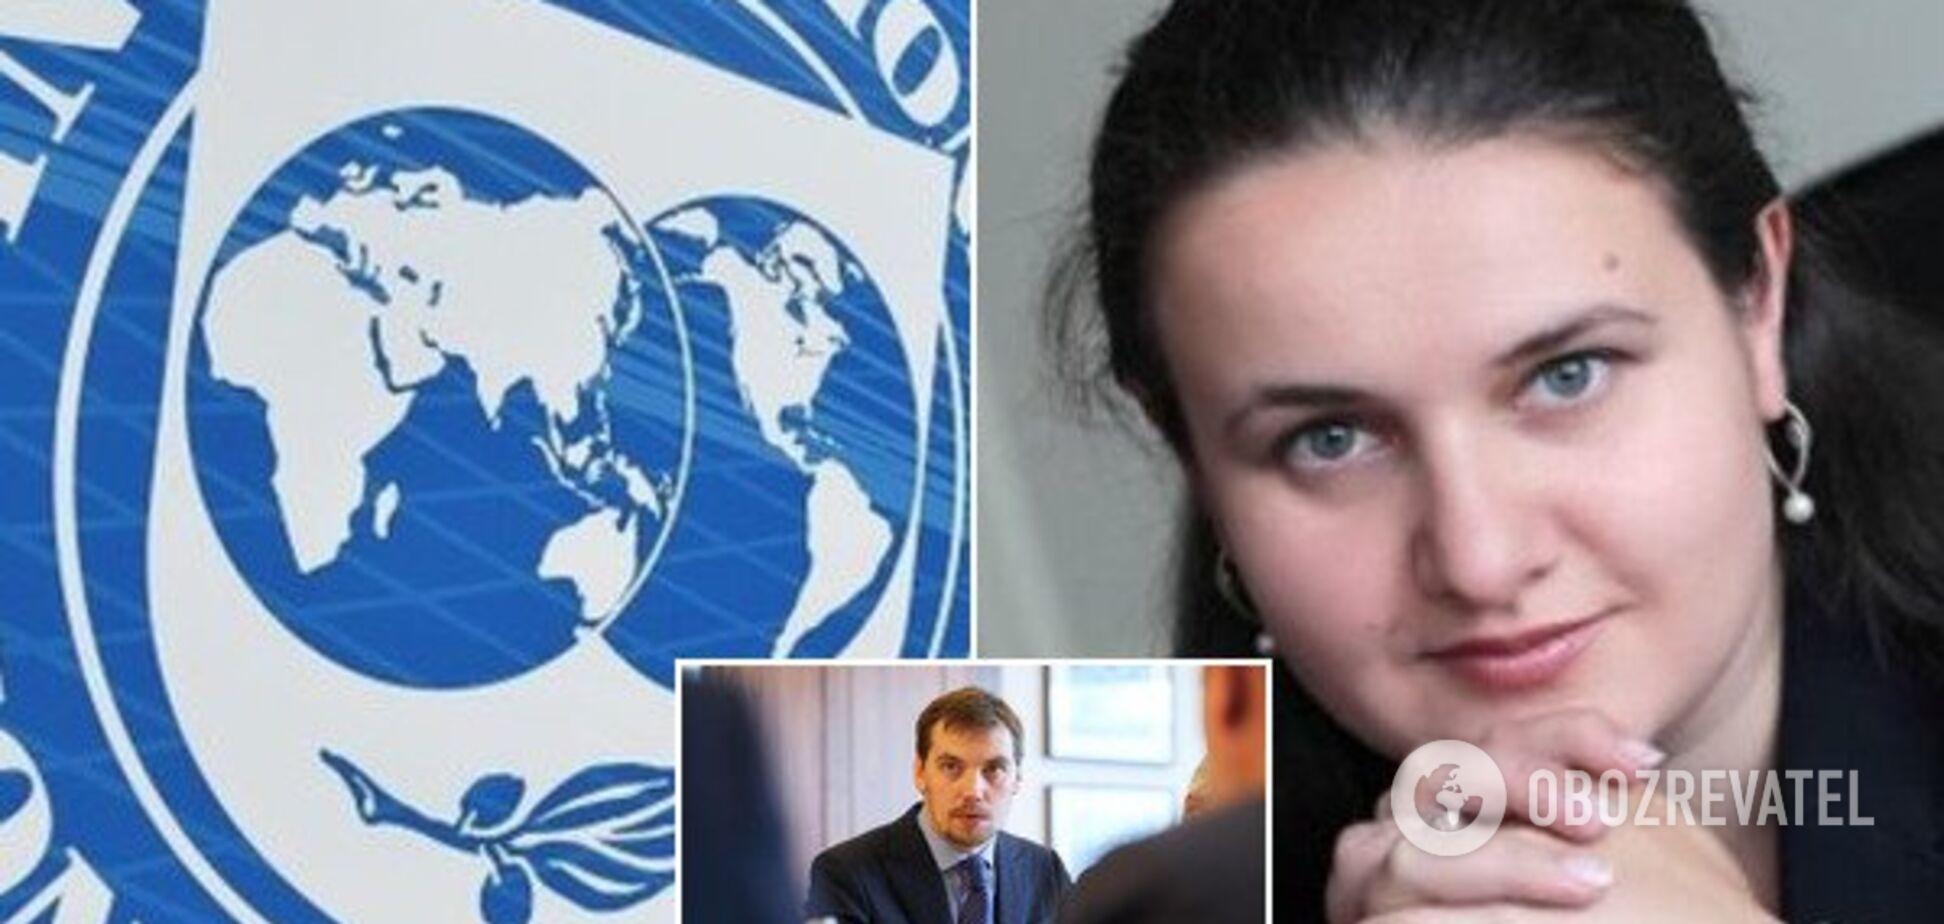 Украина откажется от МВФ: у Гончарука сделали резонансное заявление